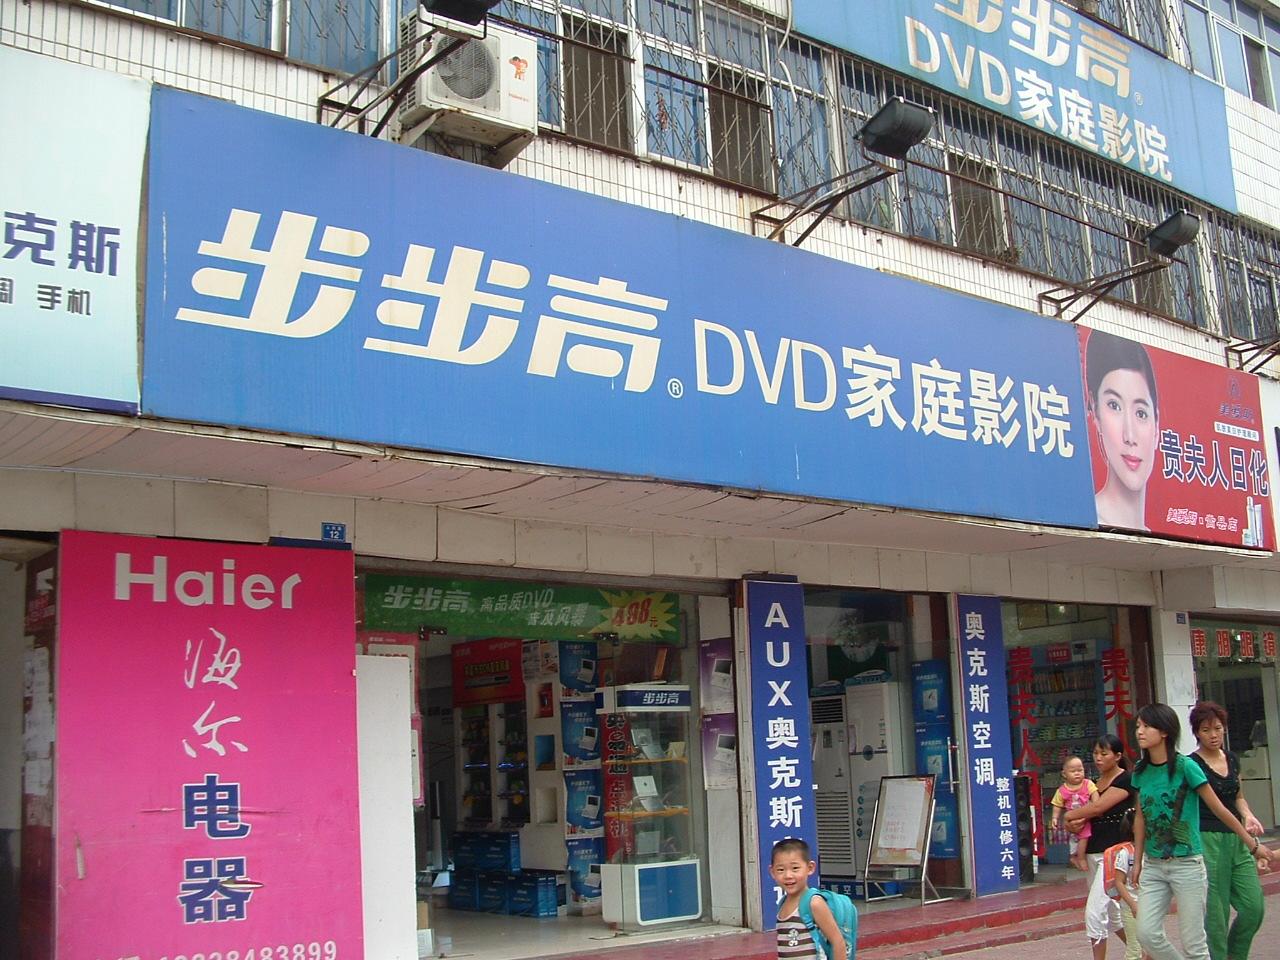 嵩县步步高专卖店